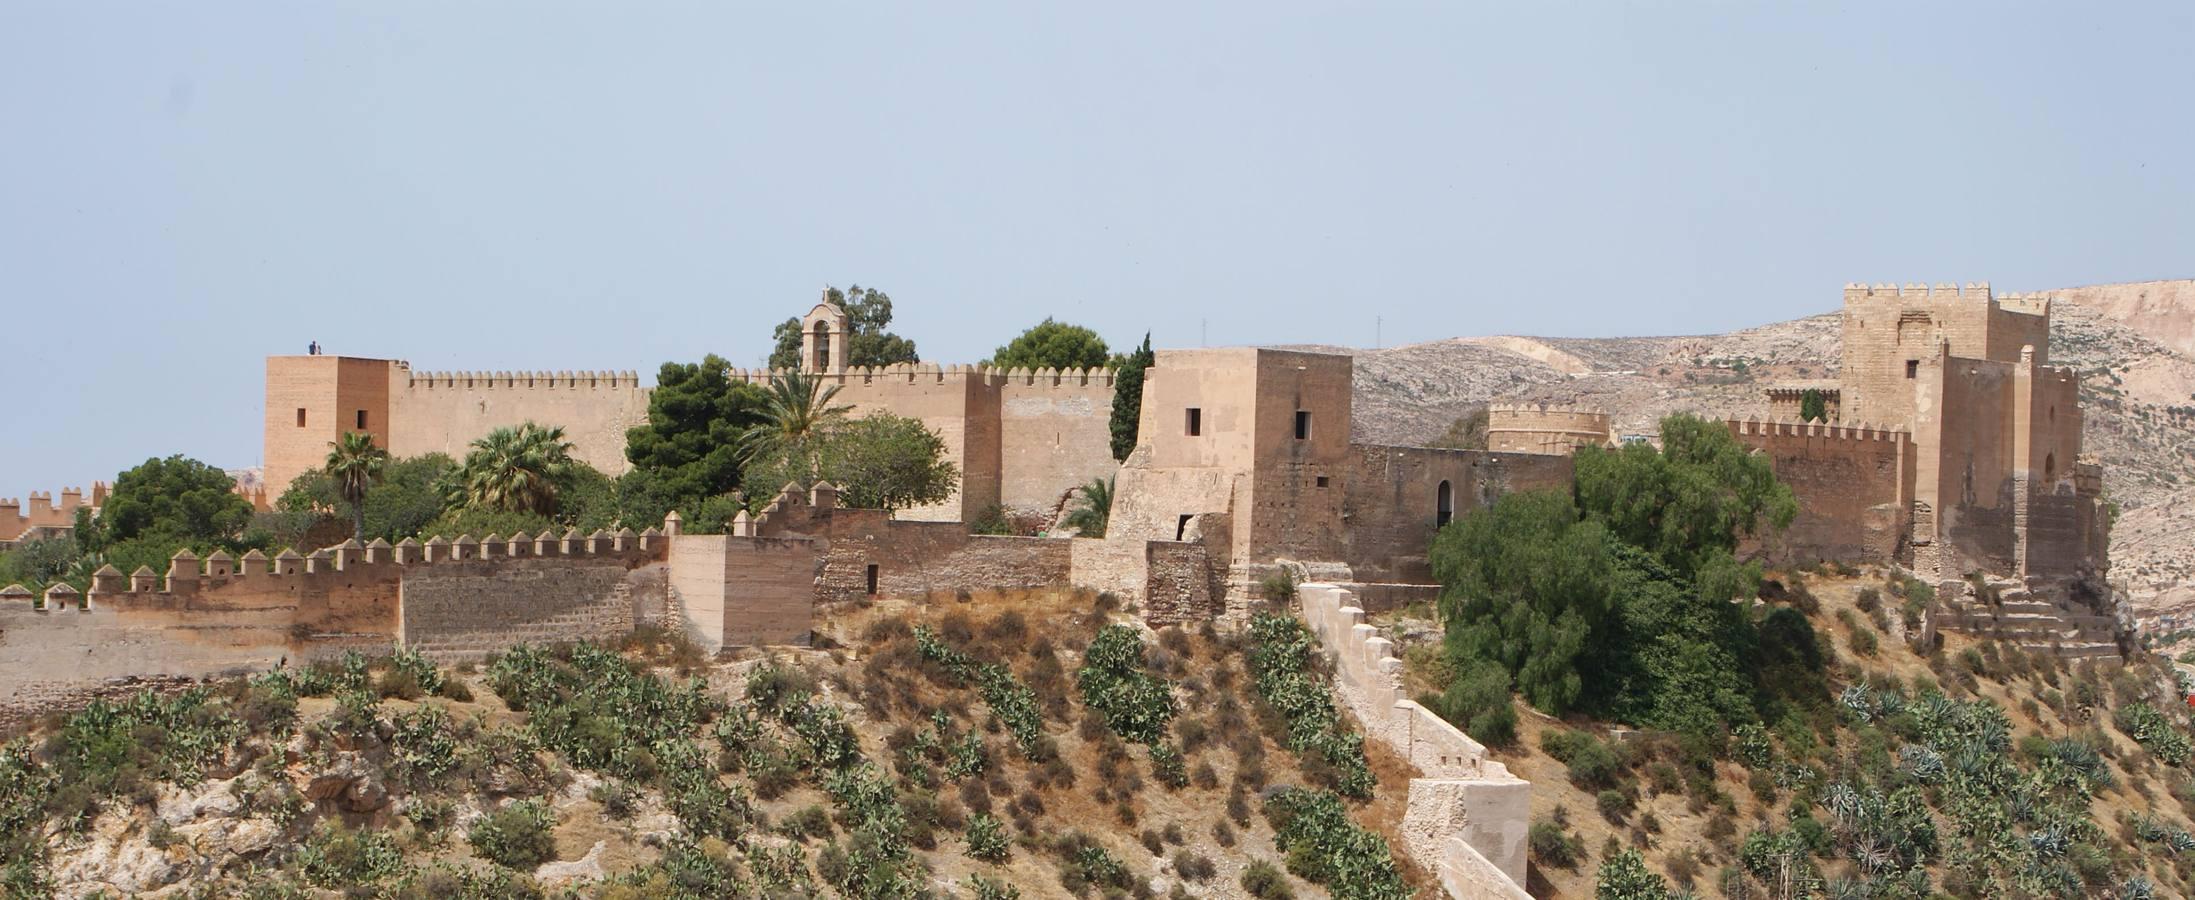 La alcazaba y el museo de almer a alcanzan cifras r cord - Puerta europa almeria ...